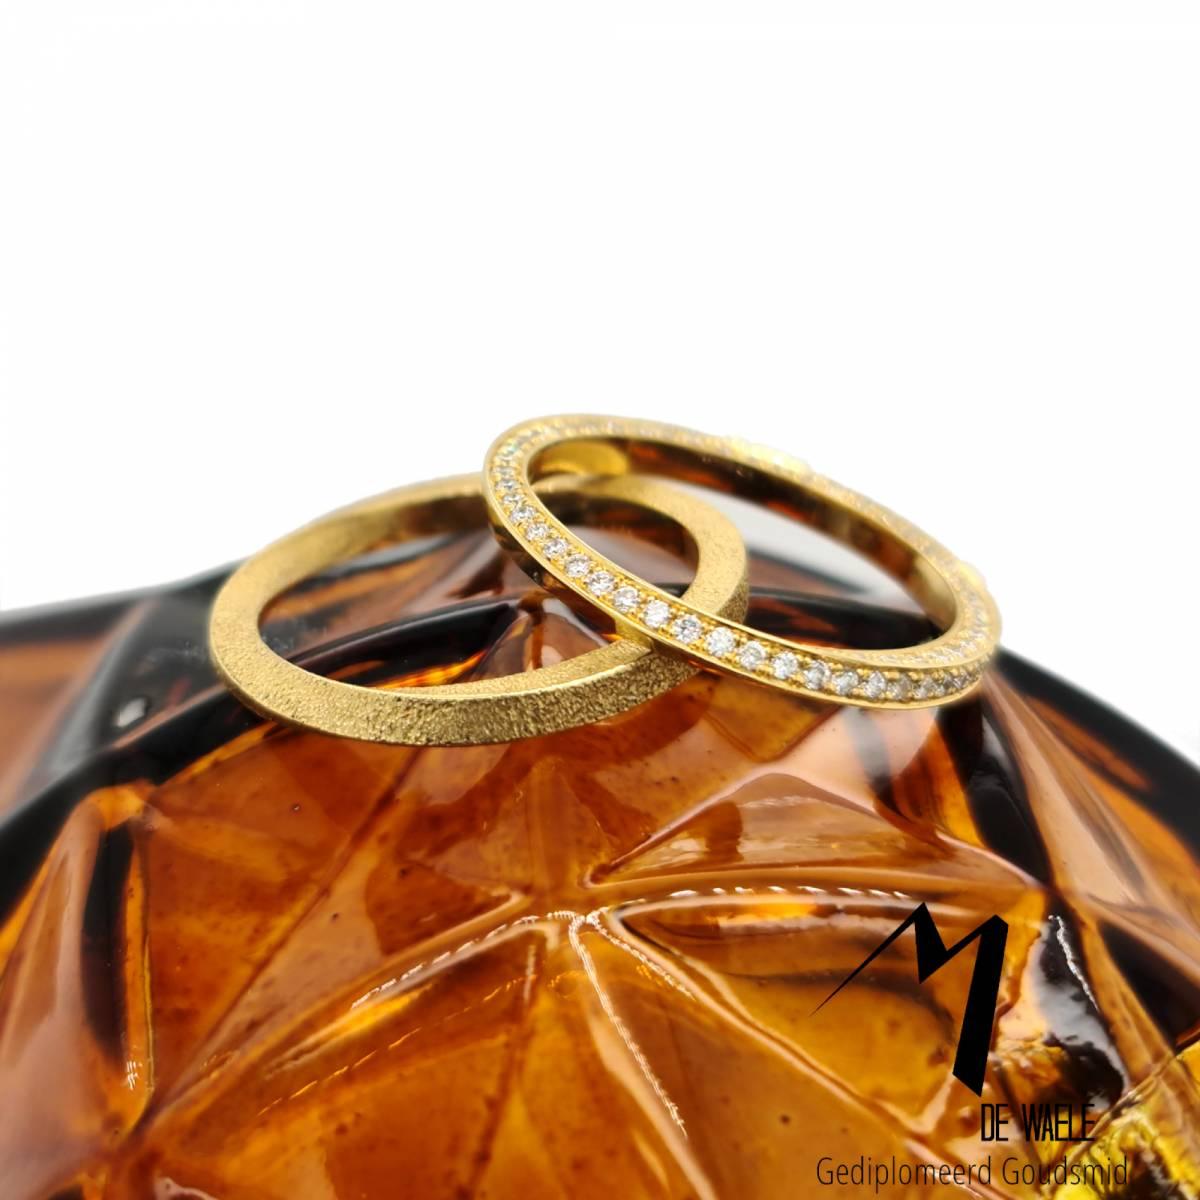 Juwelen-De-Waele-Juwelen-House-of-Weddings-_6_